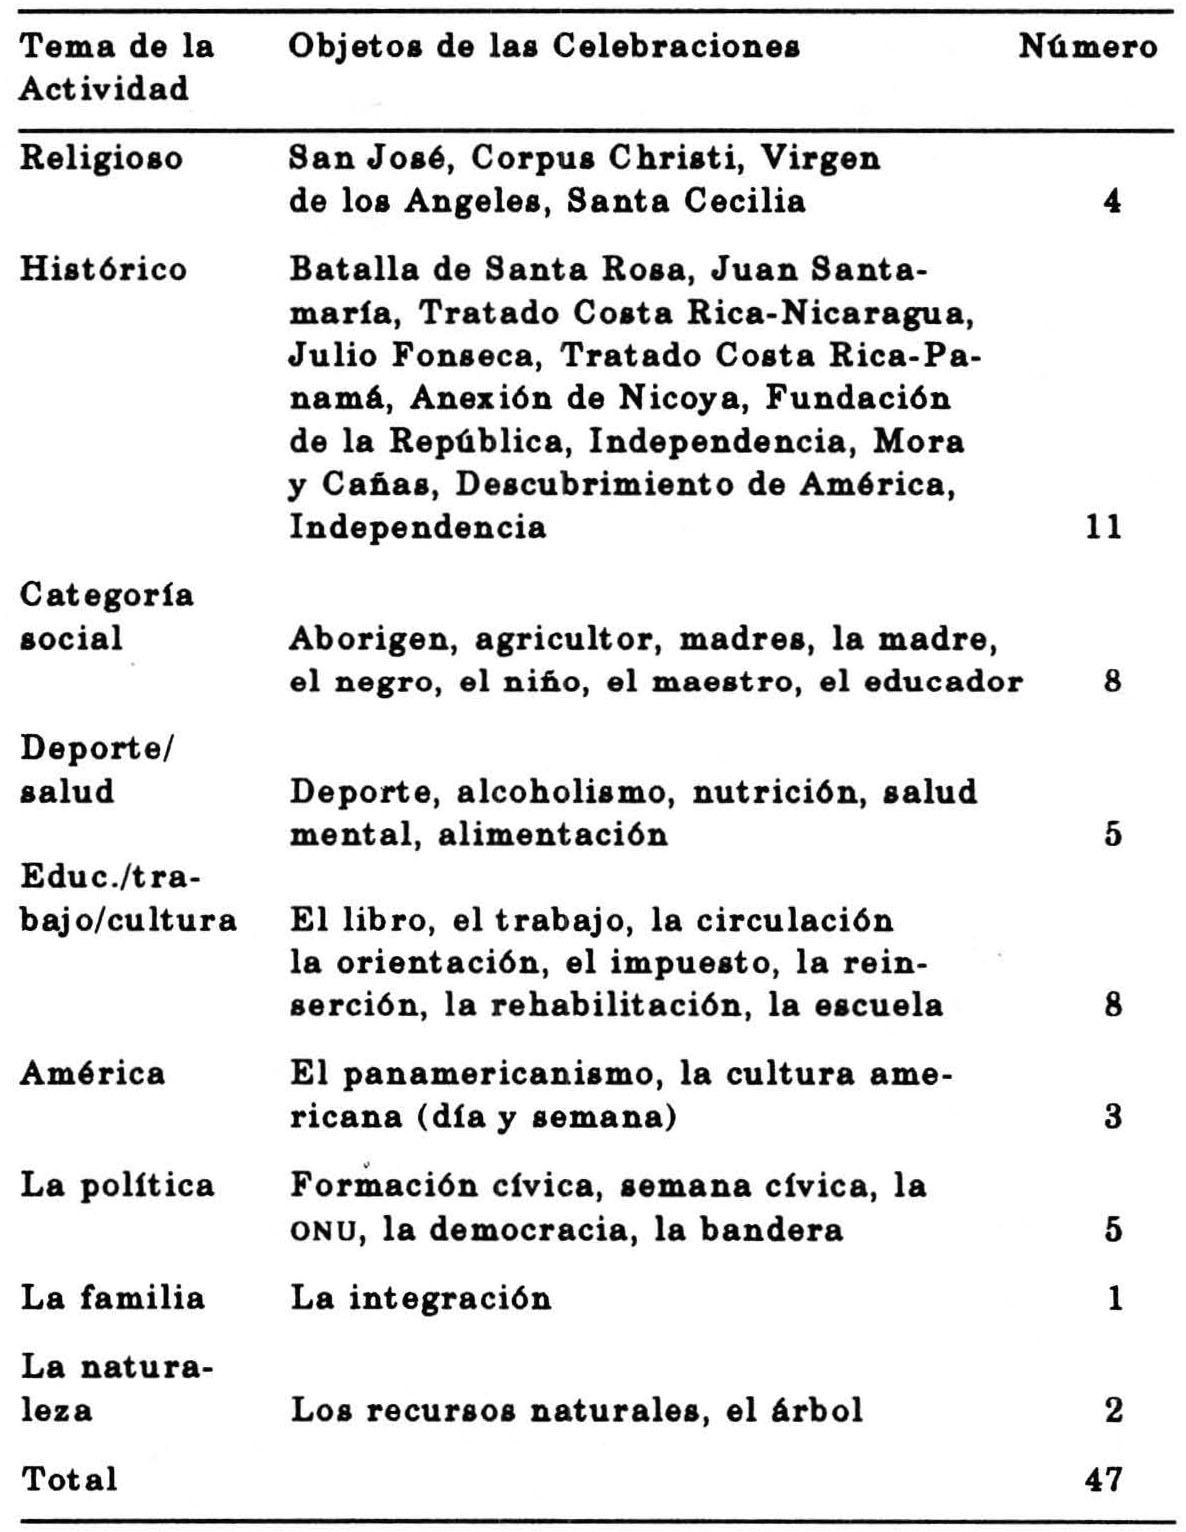 Costa Rica: juicio a la democracia - 2. Identificación cultural ...